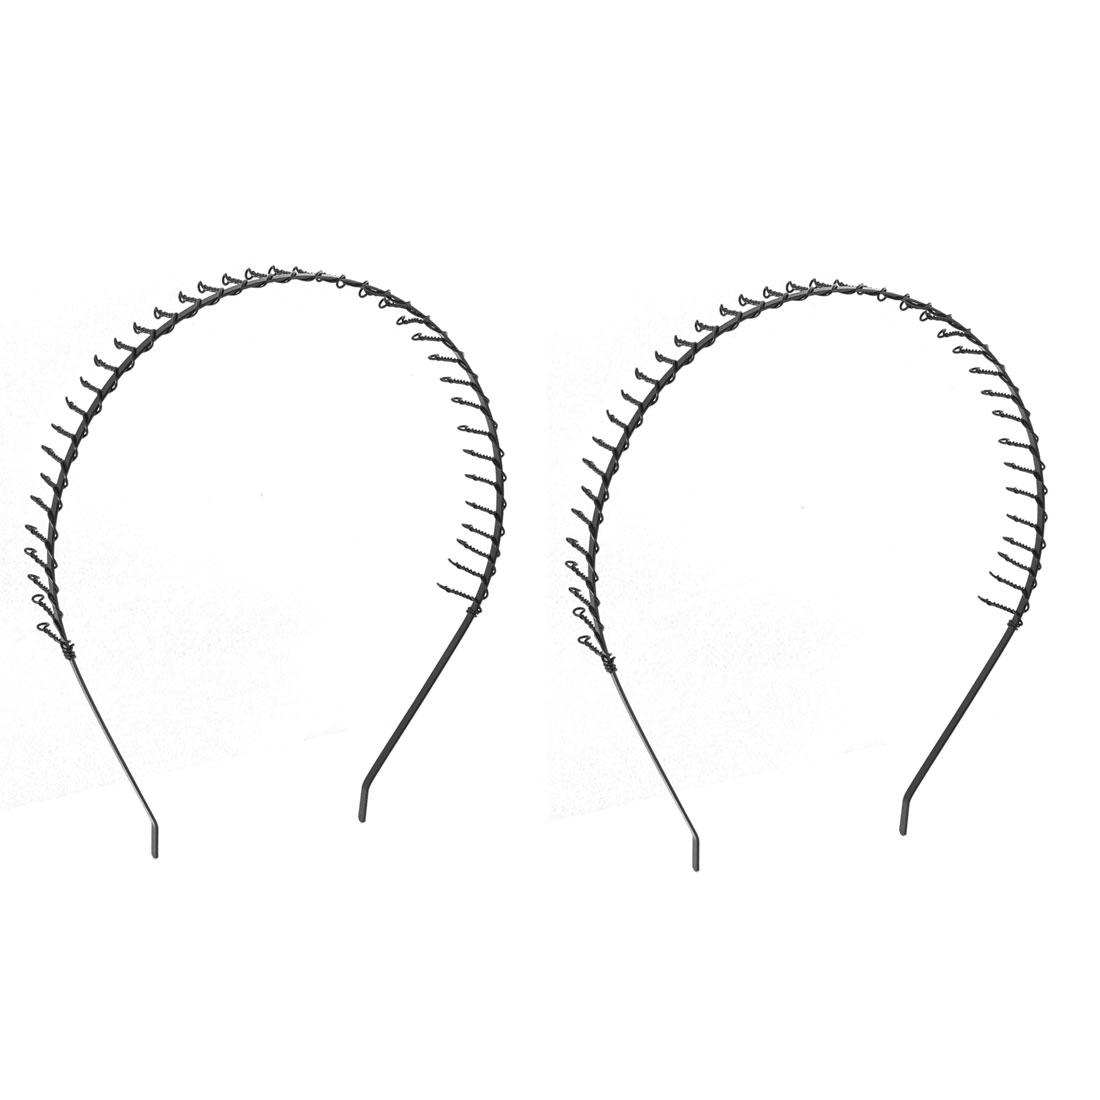 Ladies Metal Spring Tooth Style Flexible Hair Hoop Headband Black 2 Pcs